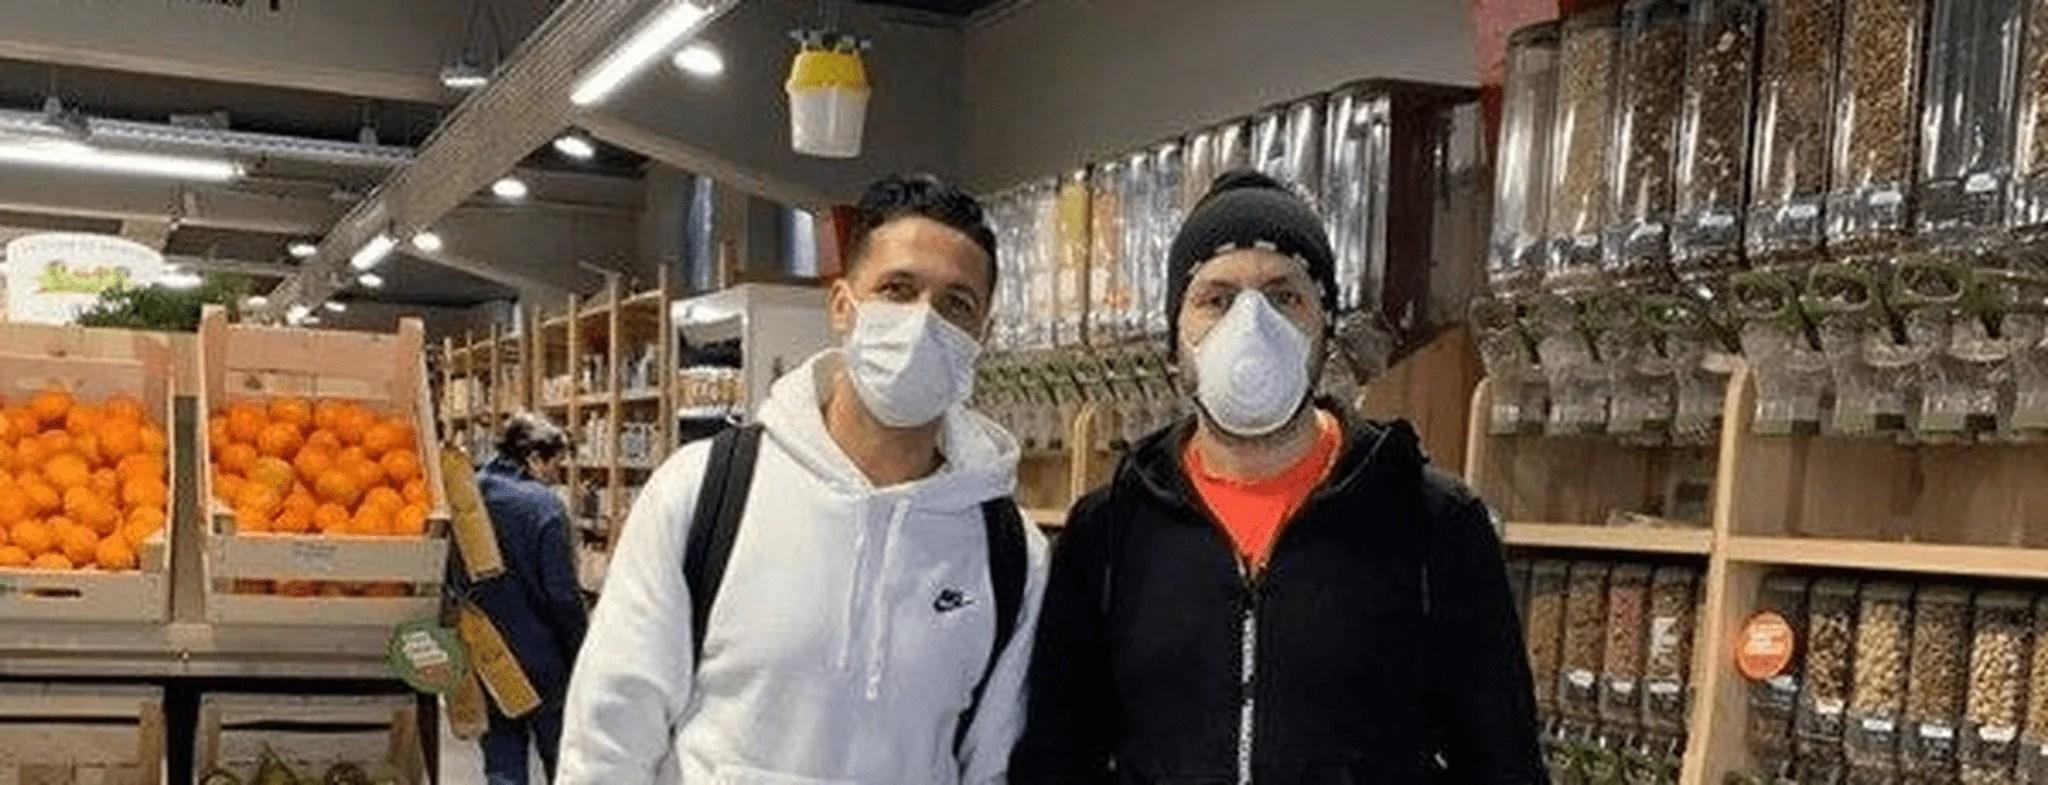 À l'Elsau, la solidarité sauve les personnes âgées du coronavirus